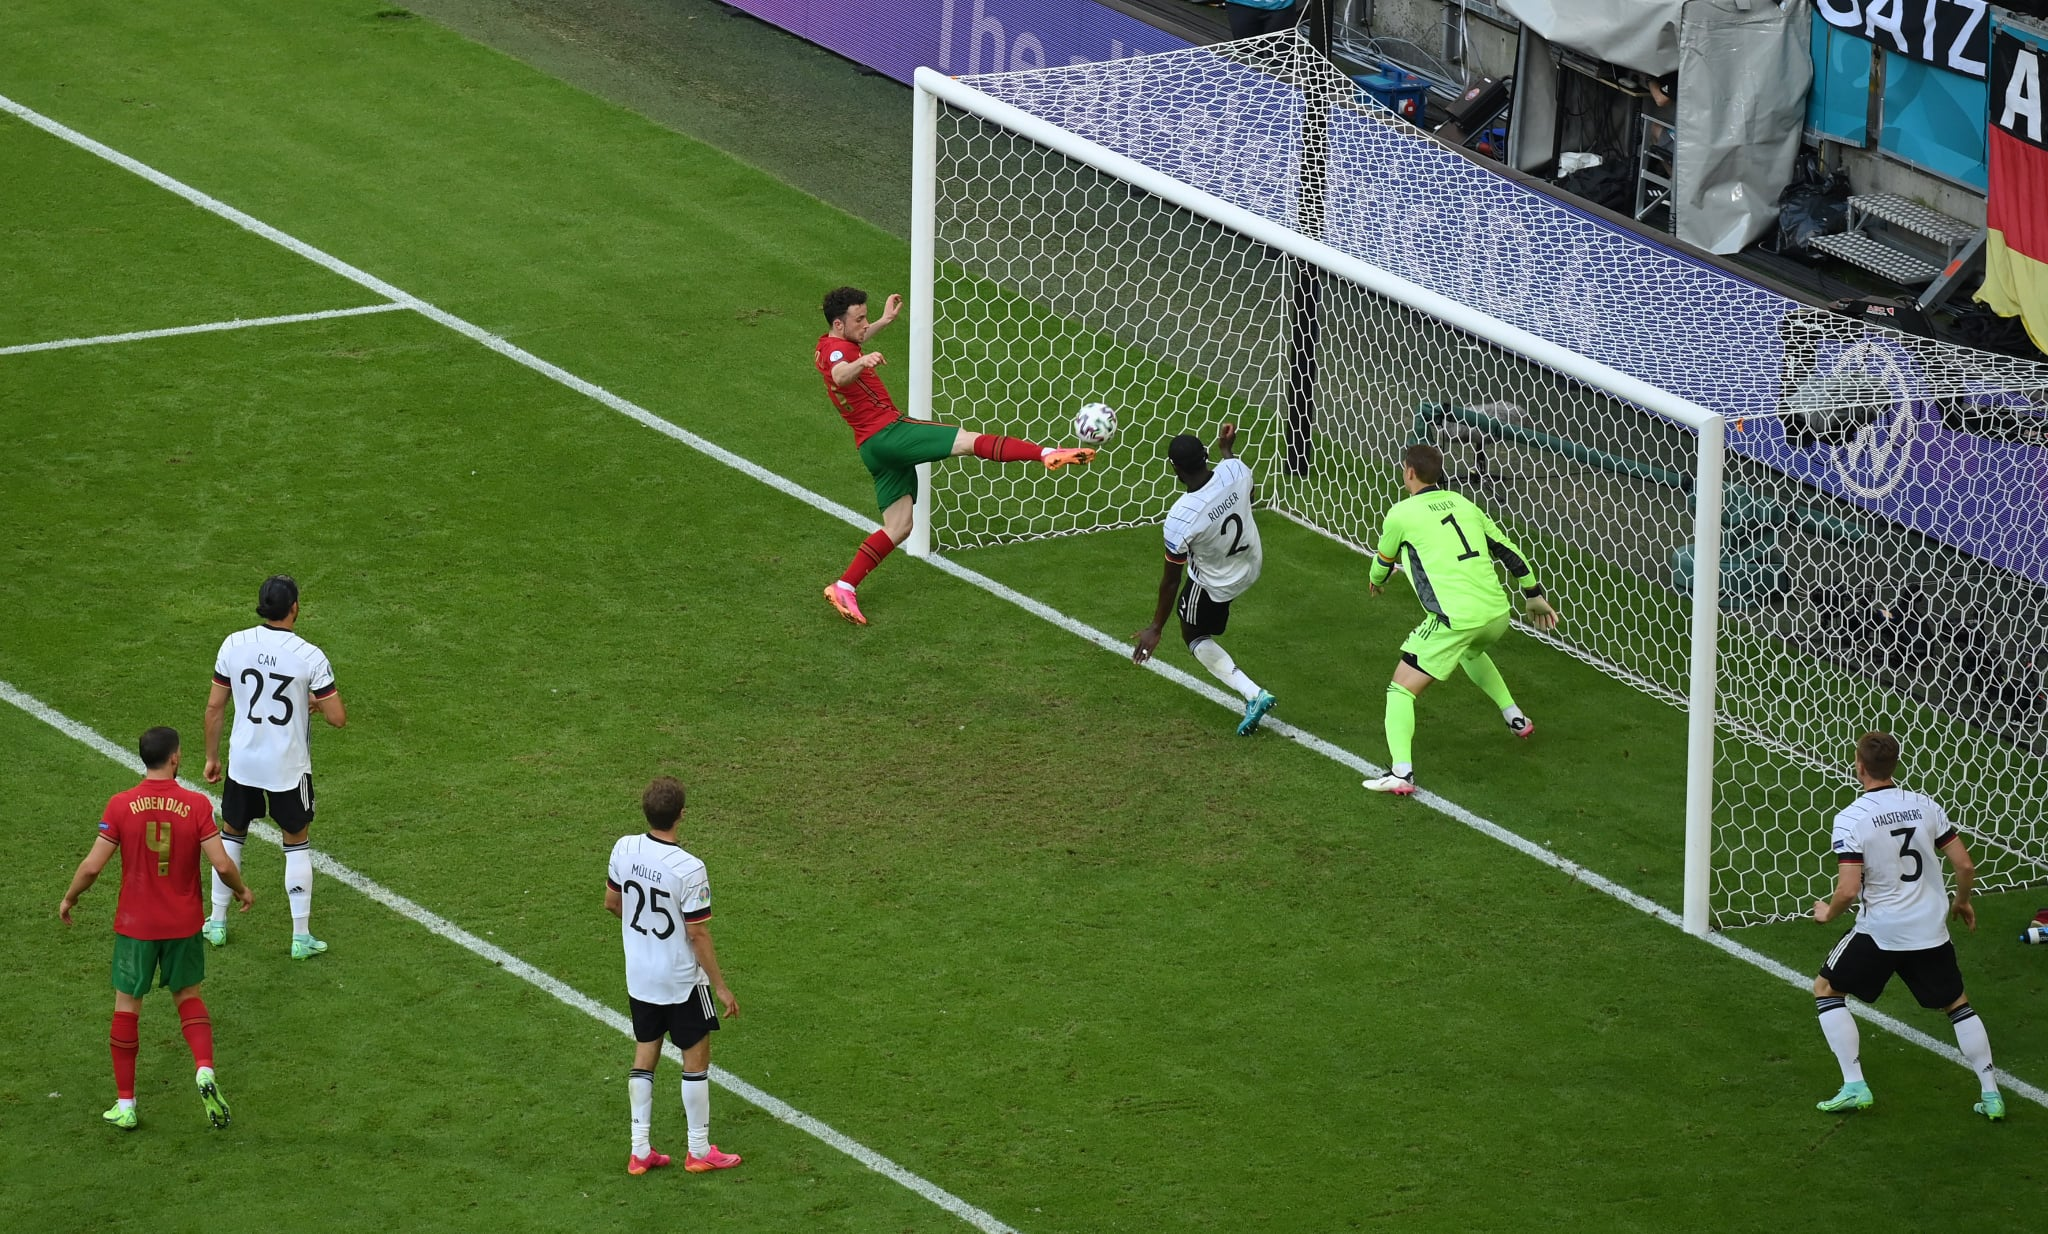 Ronaldo tạo cú lừa cho Rudiger, xử lý bóng kiểu 'no look' đẳng cấp - Bóng Đá